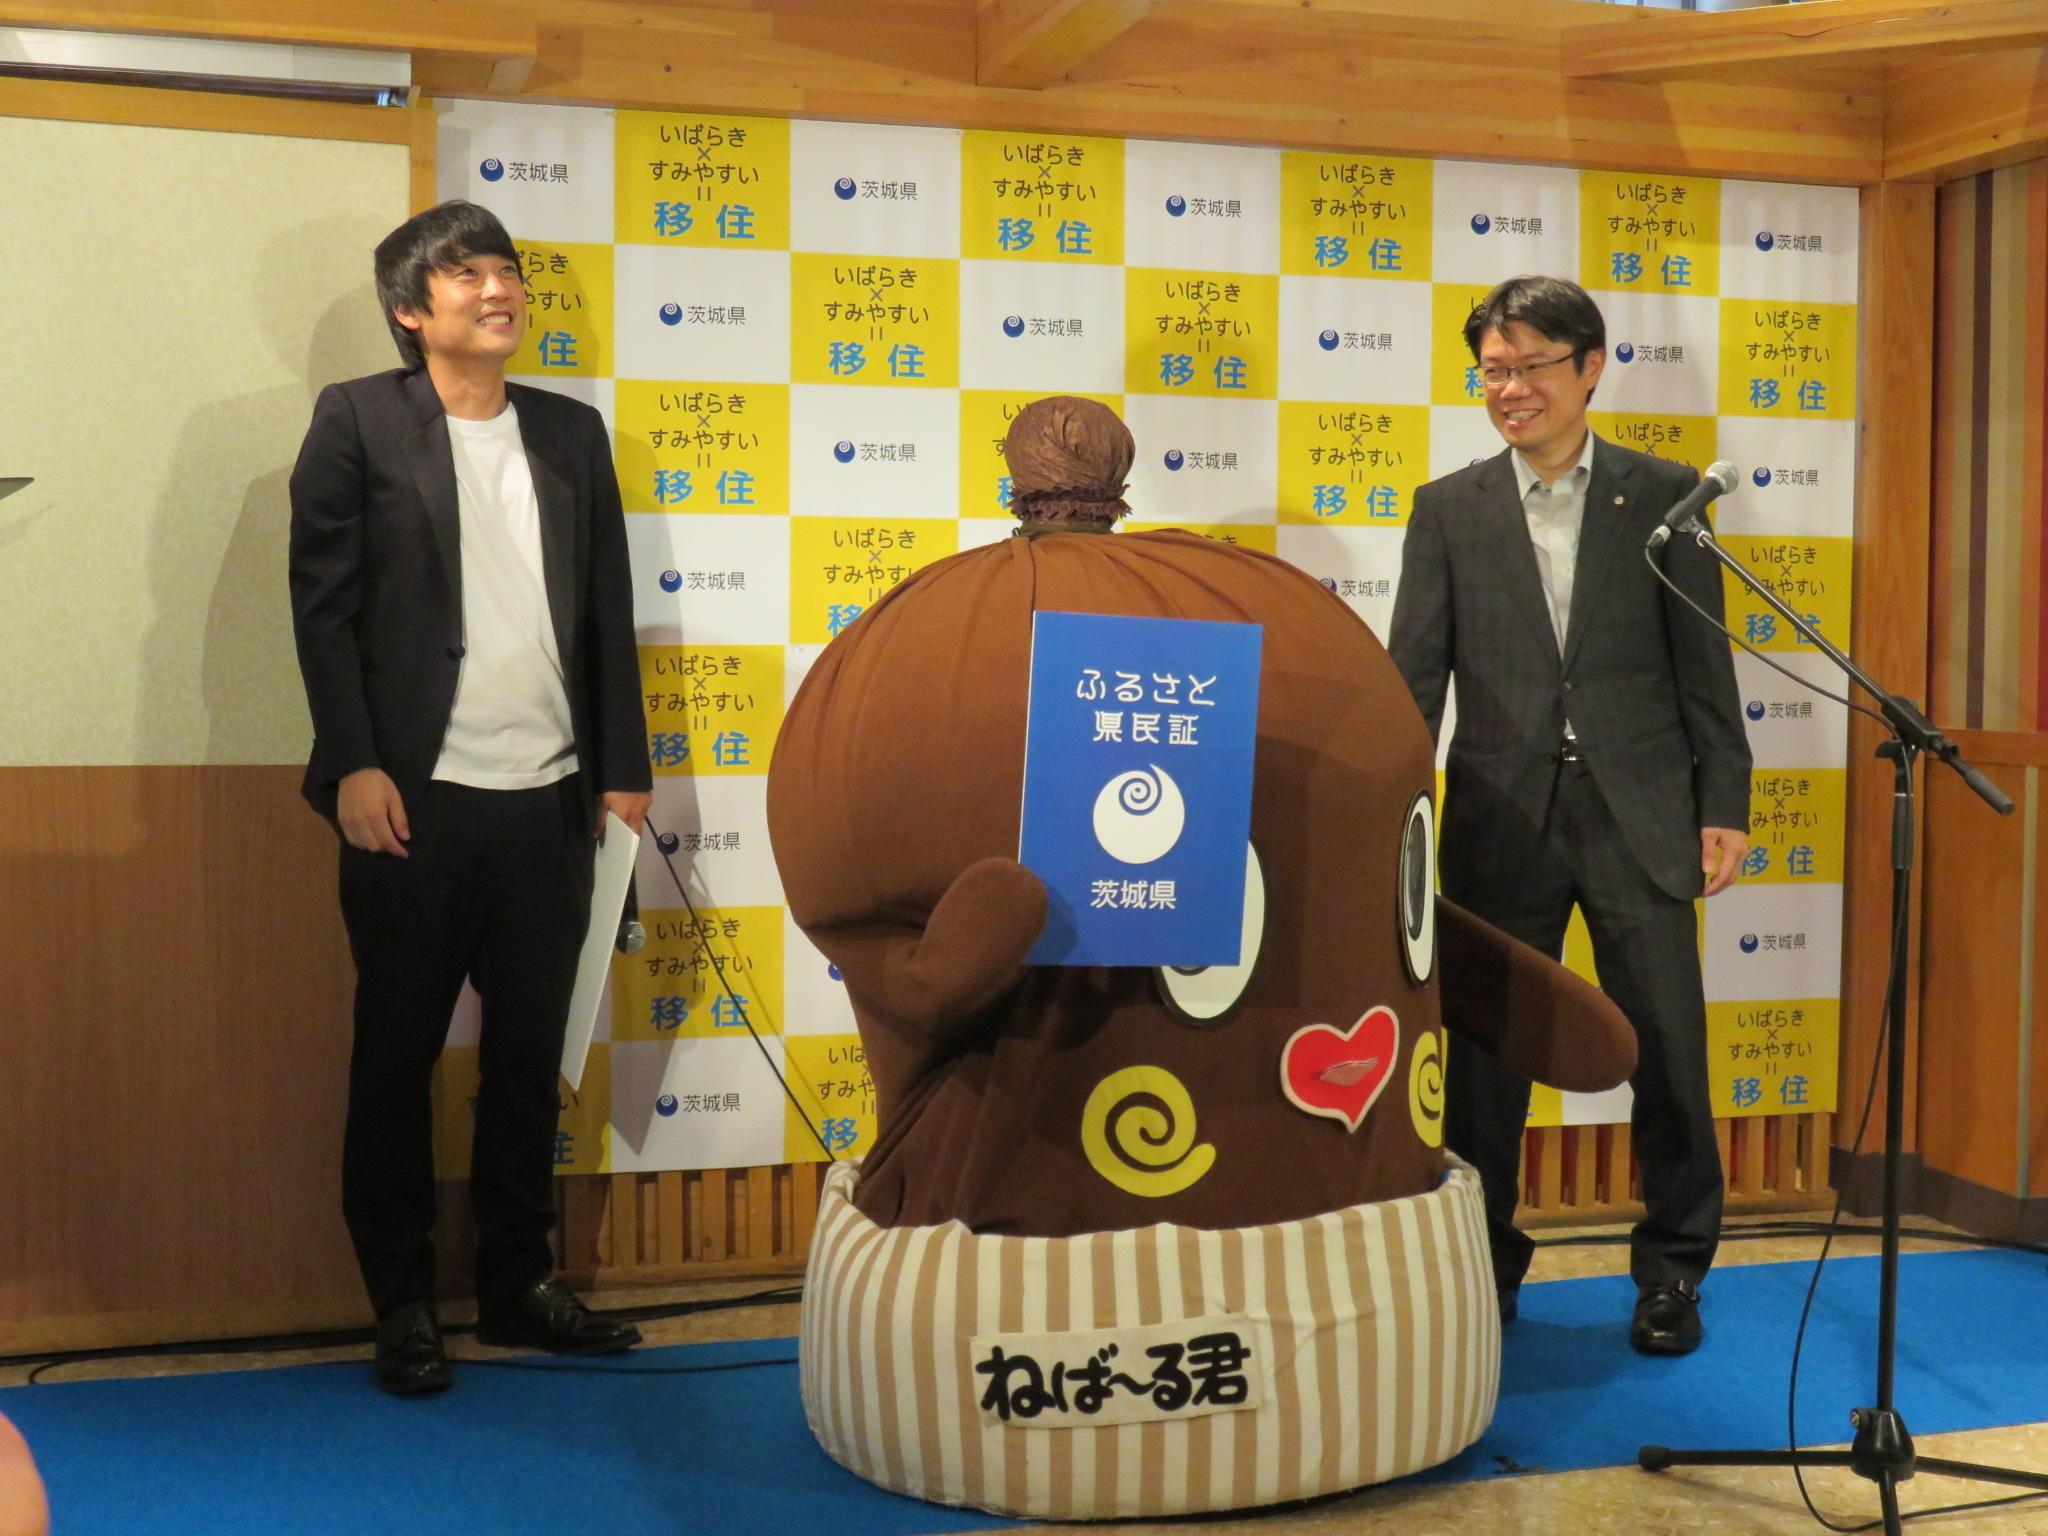 http://news.yoshimoto.co.jp/20160630165301-8cc14445a5482a27e99c7ff3bdf303cd3277c637.jpg